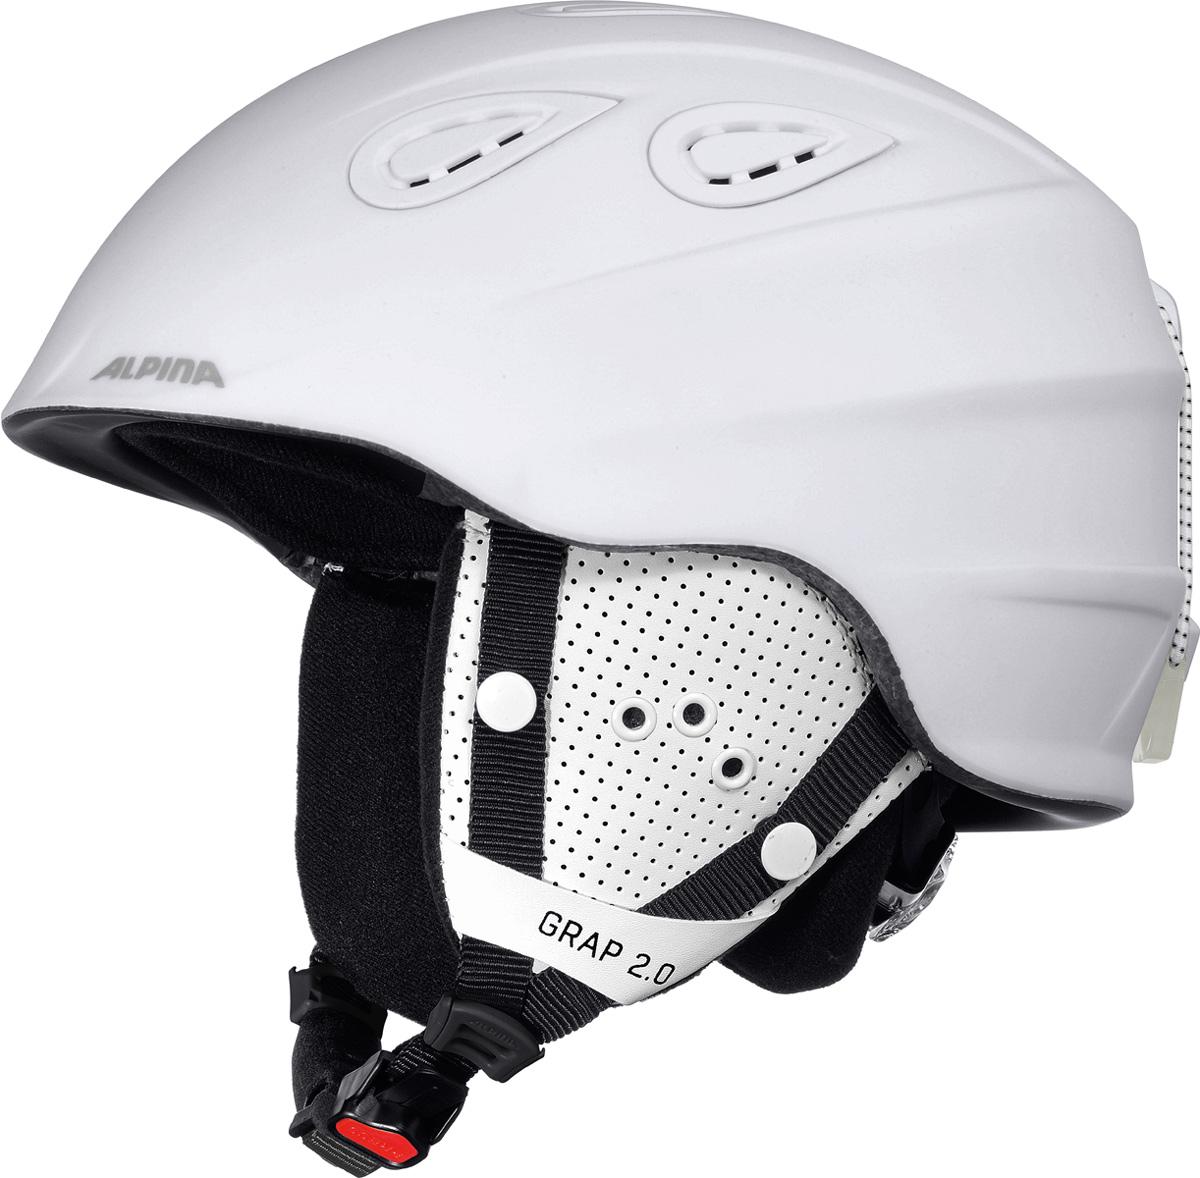 Шлем горнолыжный Alpina Grap 2.0, цвет: белый. A9085_12. Размер 54-57A9085_12Во всем мире популярность горнолыжного шлема Grap лишь набирает обороты. Alpina представляет обновленную версию самой продаваемой модели. Шлем Grap 2.0 сохранил отличительные особенности предыдущей модели и приобрел новые, за которые его выбирают райдеры по всему миру. Универсальность, легкость и прочность сделали его обязательным элементом экипировки любителей горнолыжного спорта. Модель также представлена в детской линейке шлемов. Технологии: Конструкция In-Mold - соединение внутреннего слоя из EPS (вспененного полистирола) с внешним покрытием под большим давлением в условиях высокой температуры. В результате внешняя поликарбонатная оболочка сохраняет форму конструкции, предотвращая поломку и попадание осколков внутрь шлема, а внутренний слой Hi-EPS, состоящий из множества наполненных воздухом гранул, амортизирует ударную волну, защищая голову райдера от повреждений. Внешнее покрытие Ceramic Shell обеспечивает повышенную ударопрочность и износостойкость, а также обладает защитой от УФ-излучений, препятствующей выгоранию на солнце, и антистатичными свойствами. Съемный внутренний тканевый слой. Подкладку можно постирать и легко вставить обратно. Своевременный уход за внутренником предотвращает появление неприятного запаха. Вентиляционная система с раздвижным механизмом с возможностью регулировки интенсивности потока воздуха. Классическая система регулировки в шлемах Alpina Run System с регулировочным кольцом на затылке позволяет быстро и легко подобрать оптимальную и комфортную плотность посадки на голове. Съемные ушки согревают в холодную погоду, а в теплую компактно хранятся в кармане куртки. Шейный воротник из микрофлиса в задней части шлема быстро согревает и не давит на шею. Ремешок фиксируется кнопкой с запирающим механизмом. Застежка максимально удобна для использования в перчатках. Система Edge Protect в конструкции шлема защищает голову горнолыжника при боковом ударе. Система Y-Cli